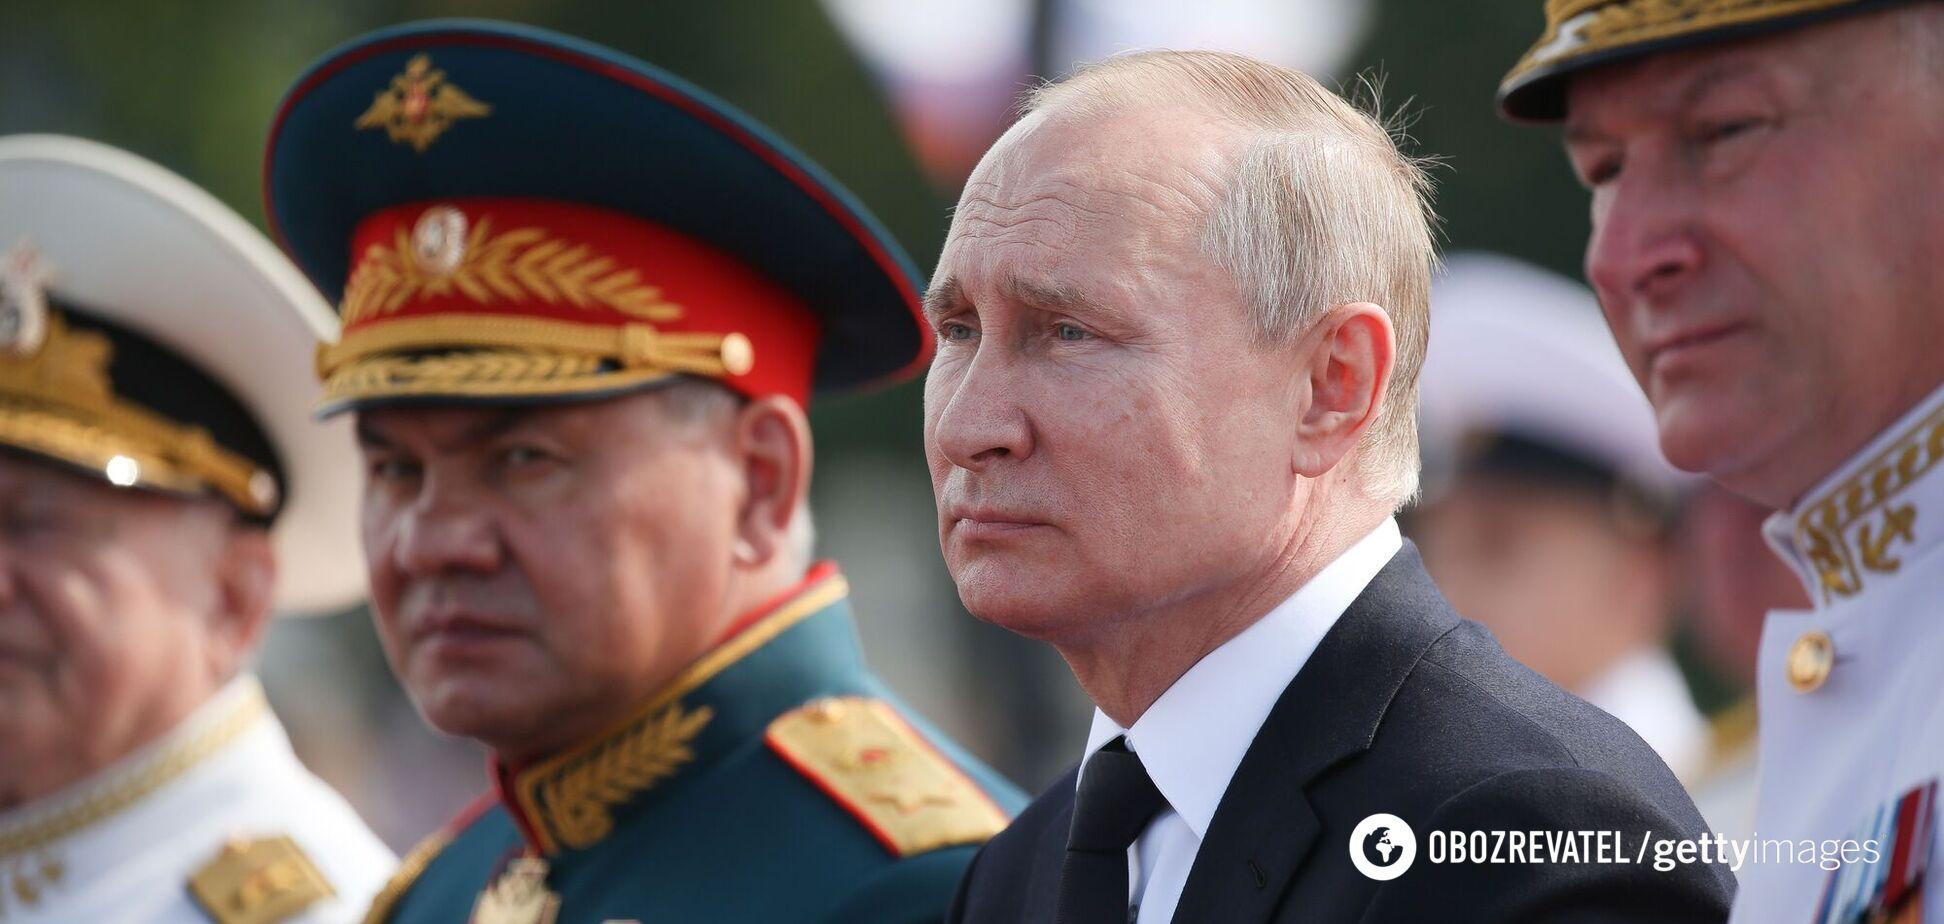 Кремлю не нужен 'золотой мост' Украины, у него другая цель, – Тука